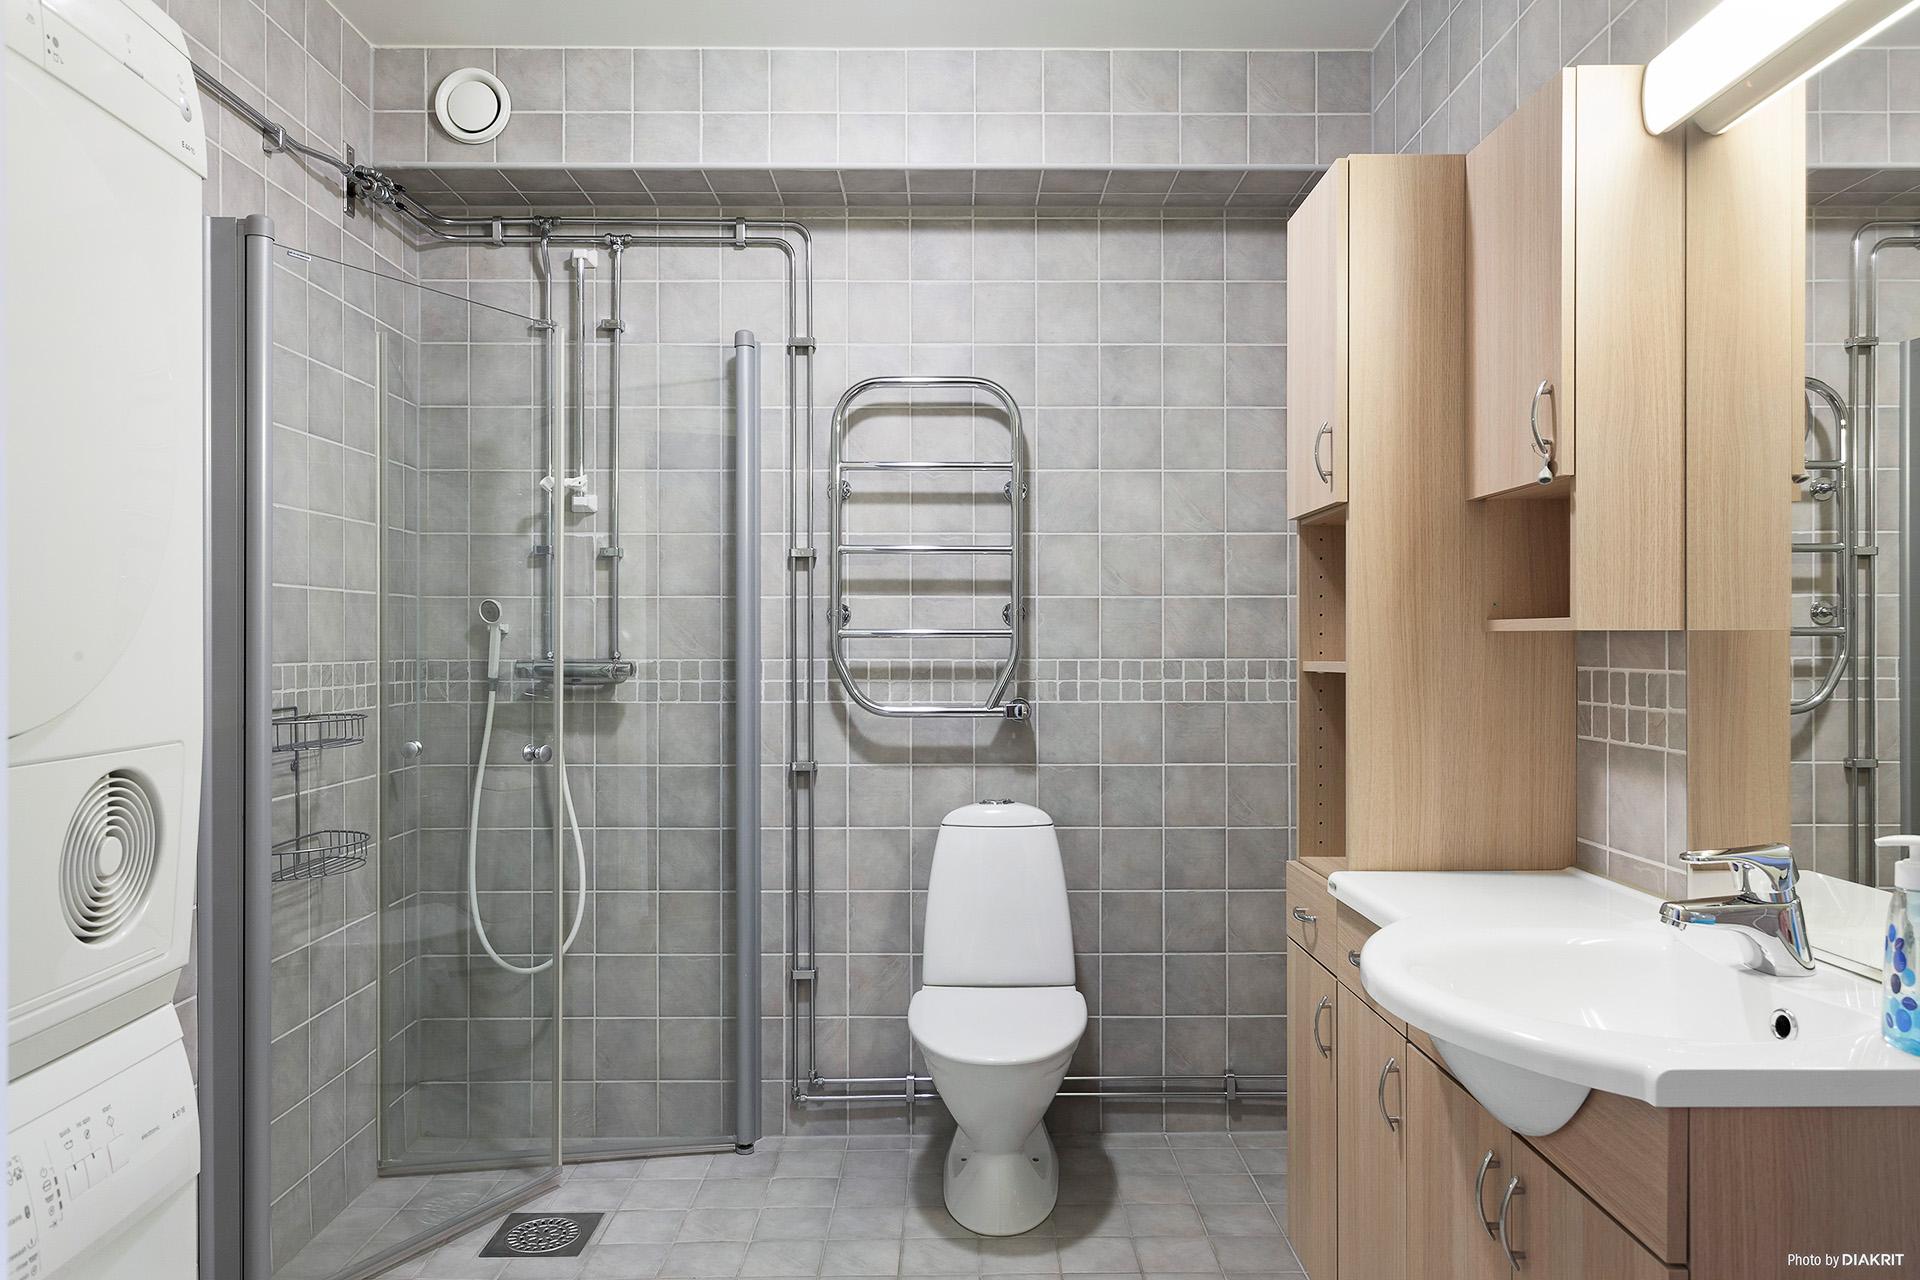 Snyggt helkaklat badrum. Här finns tvättmaskin och torktumlare.